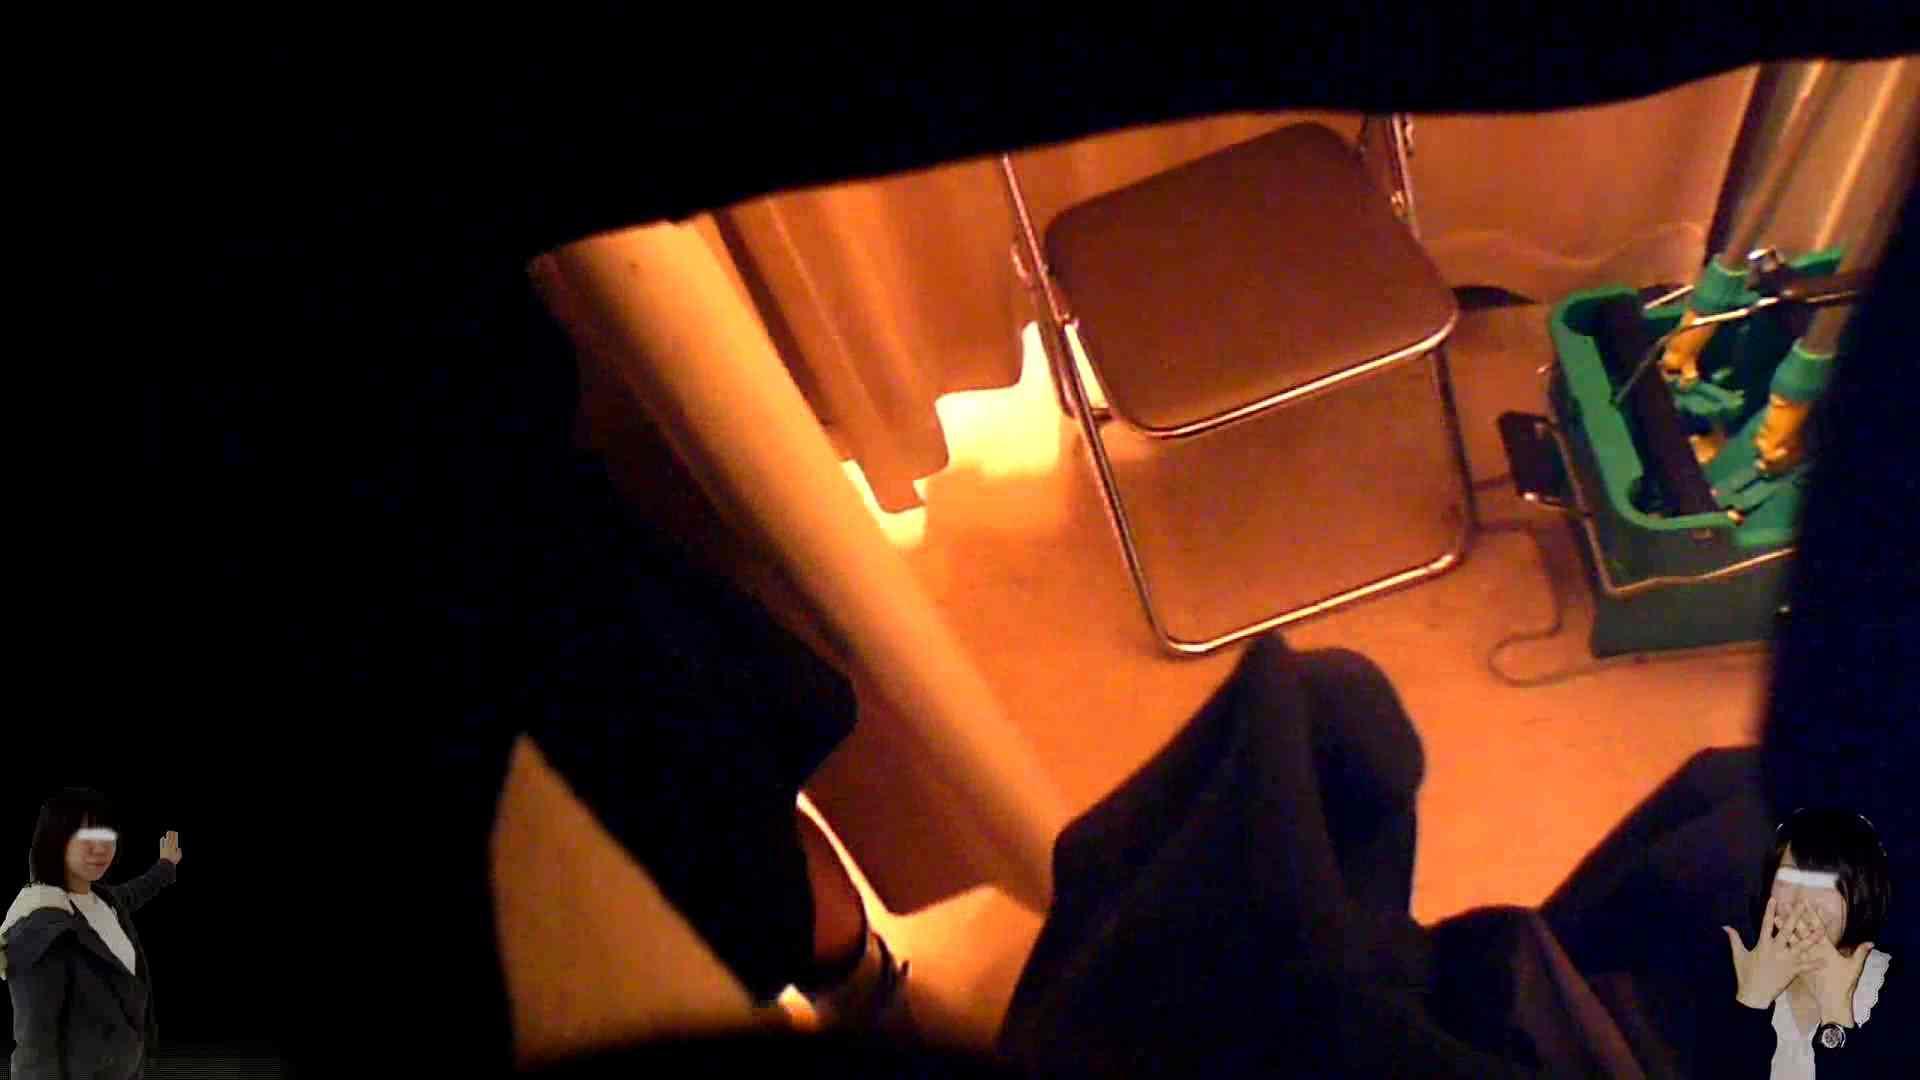 素人投稿 現役「JD」Eちゃんの着替え Vol.04 素人エロ投稿 盗撮動画紹介 60画像 11